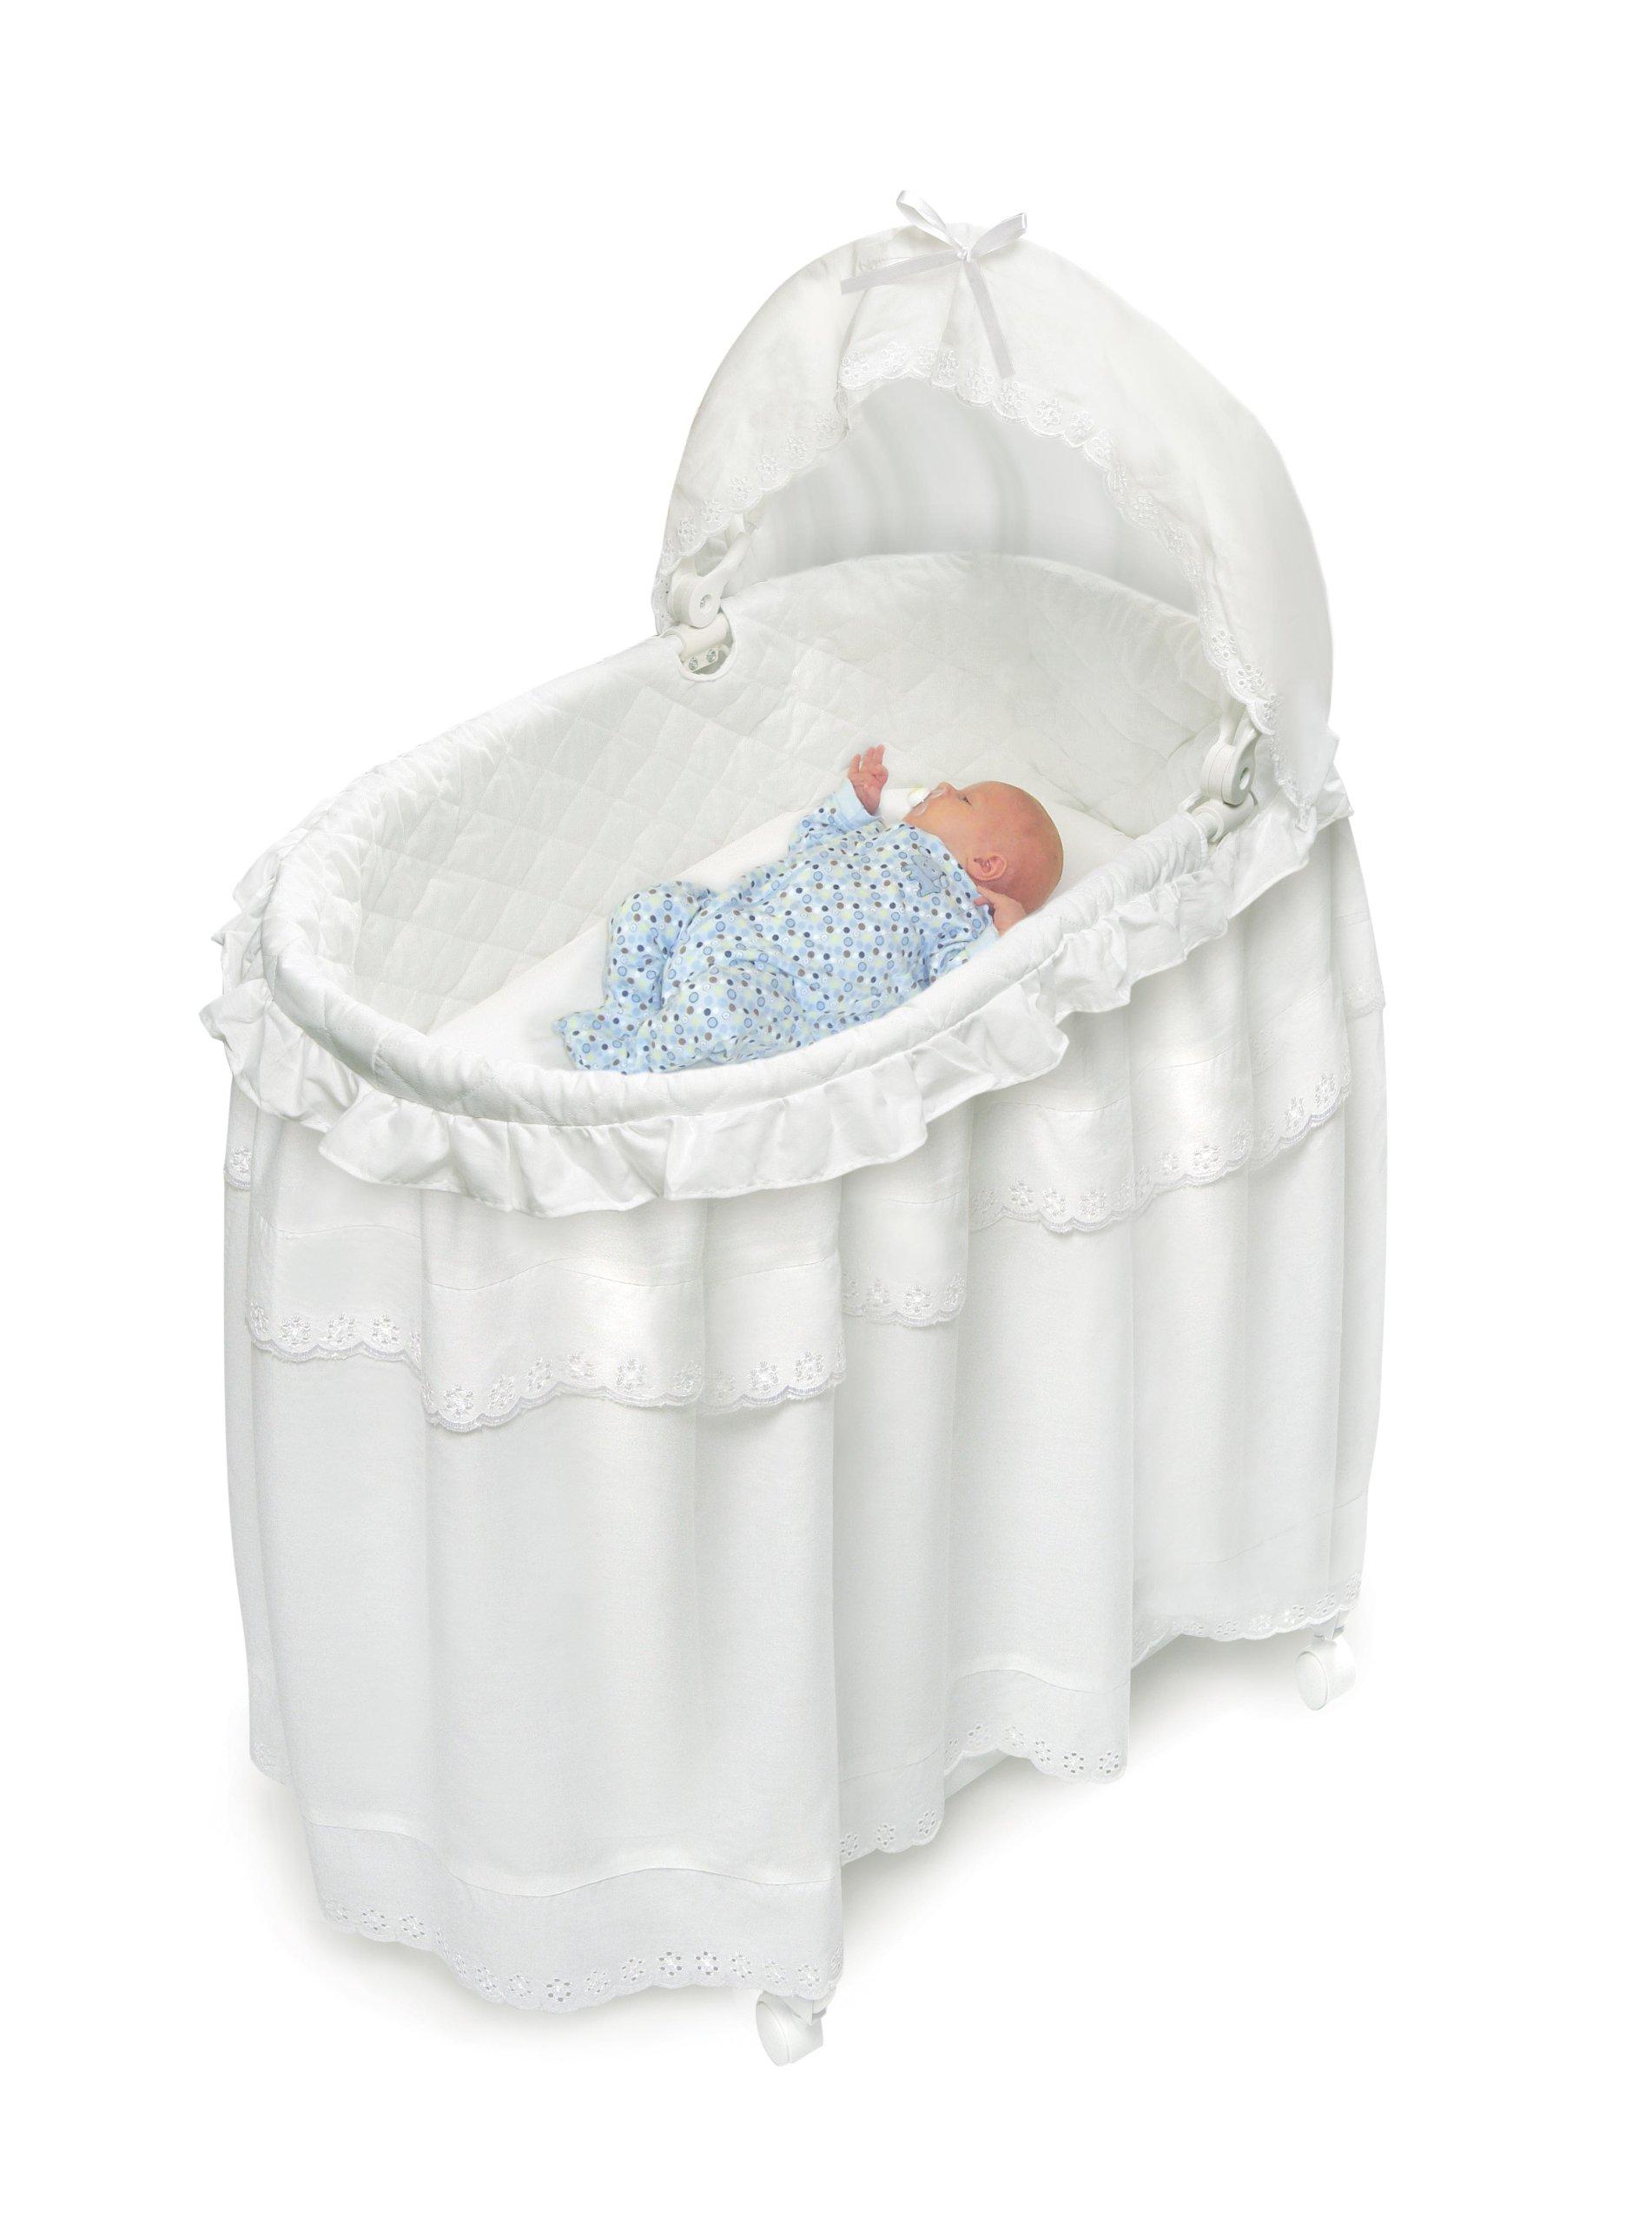 Badger Basket Long Skirt Portable Bassinet 'N Cradle with Toybox Base, White by Badger Basket (Image #2)